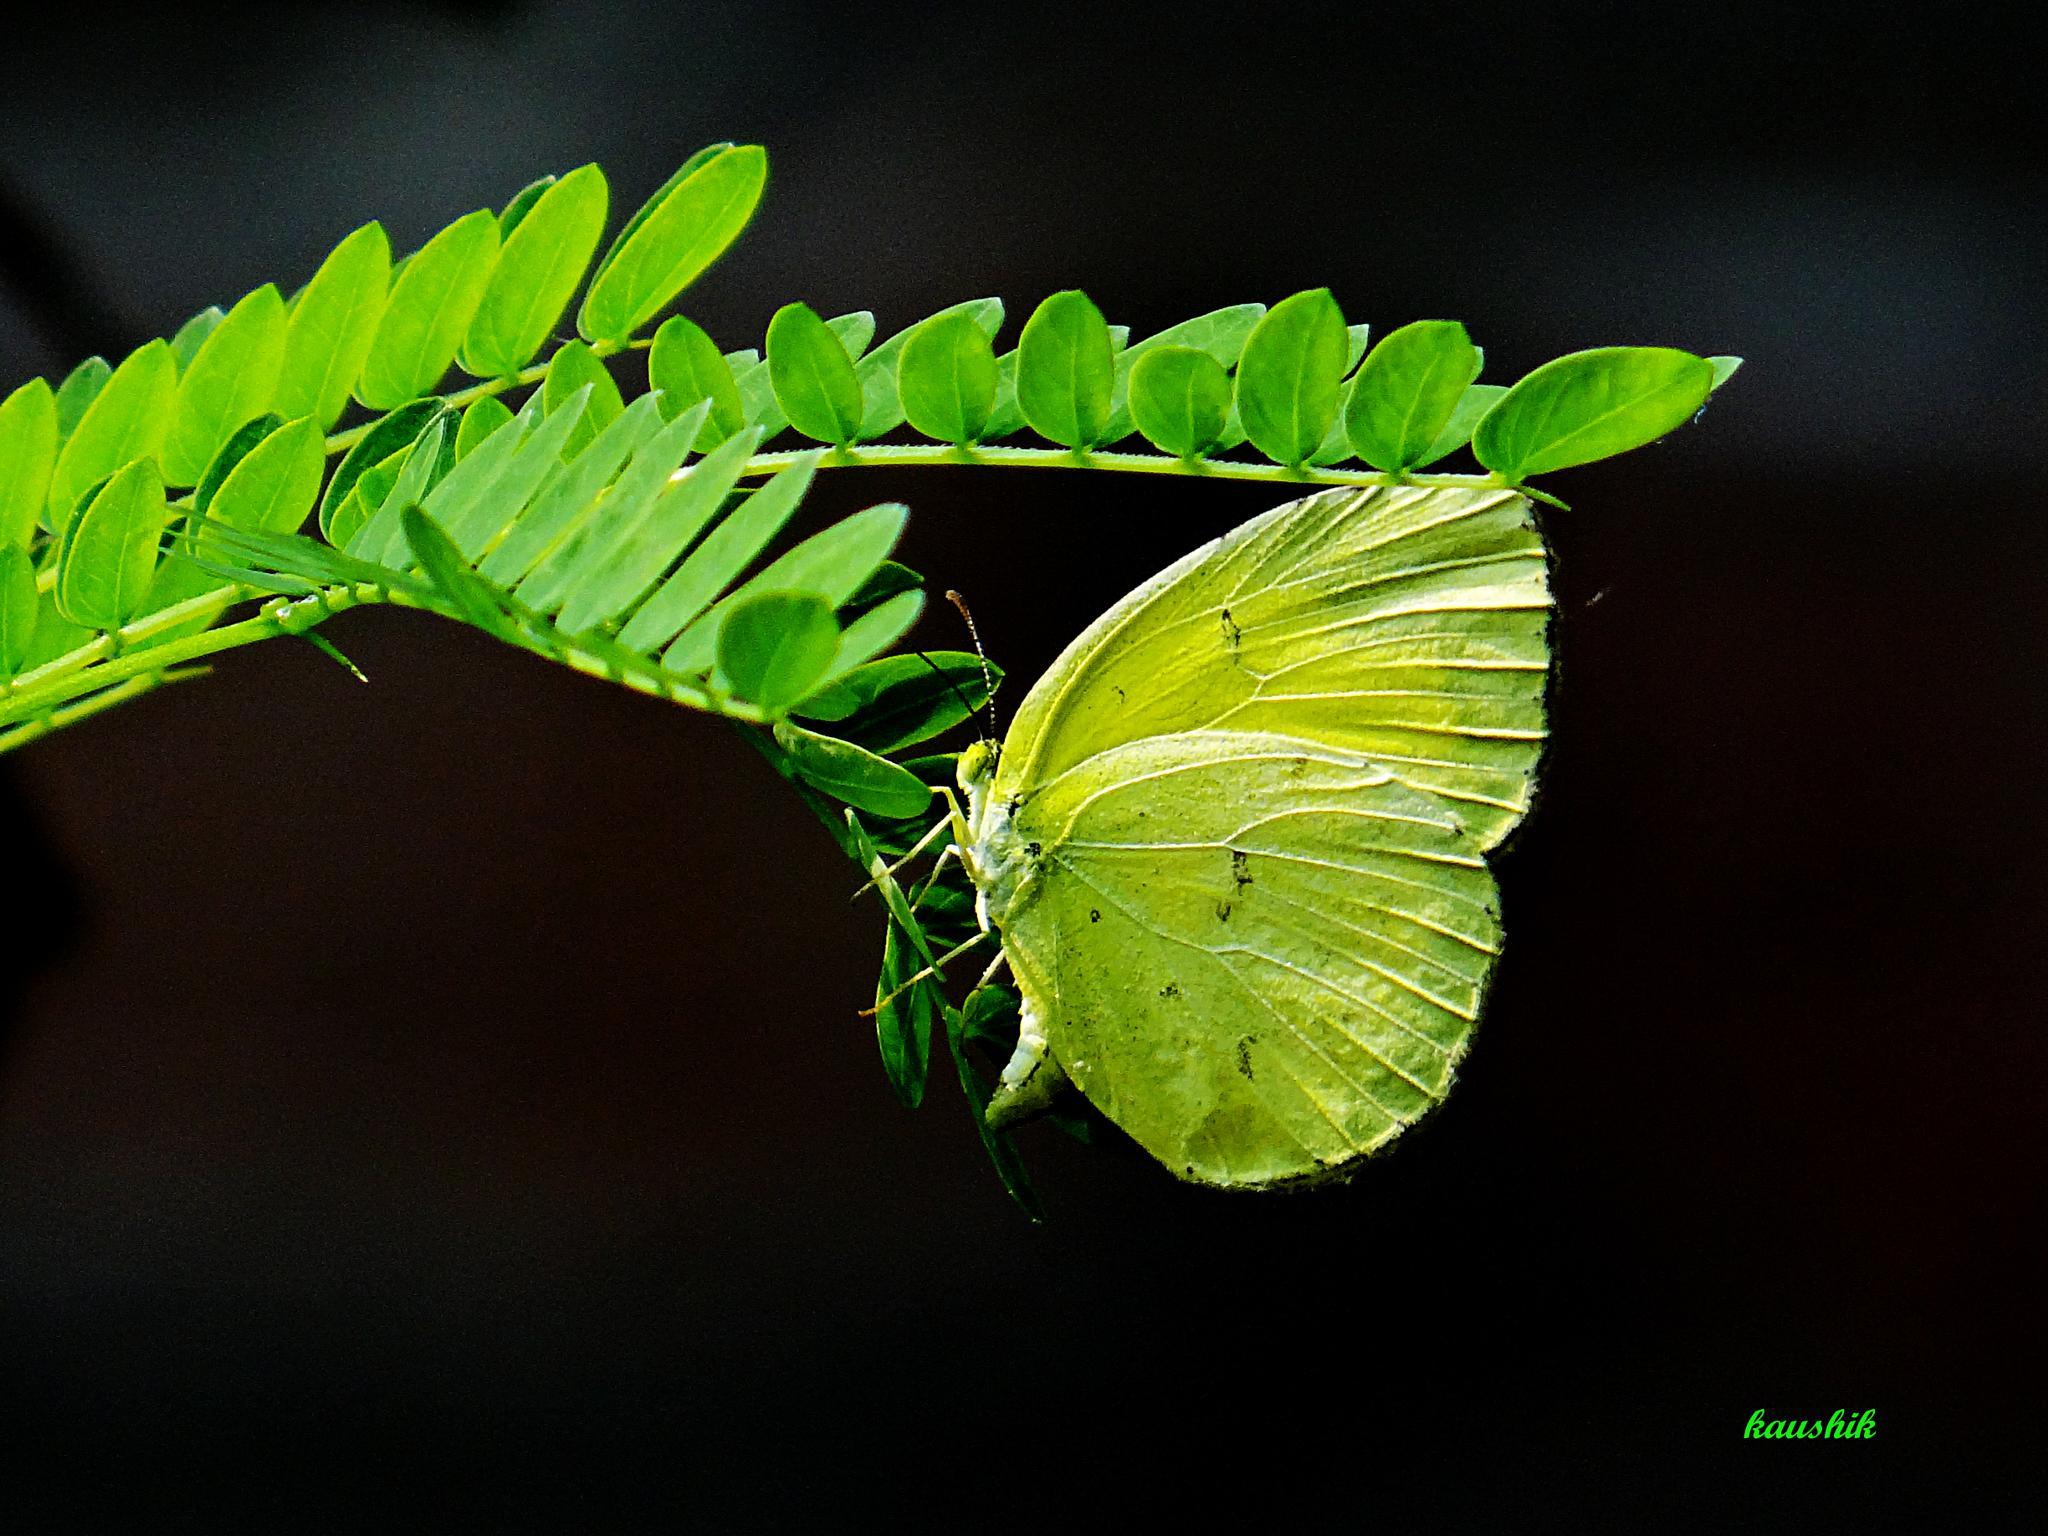 BEAUTY OF NATURE  by Kaushik